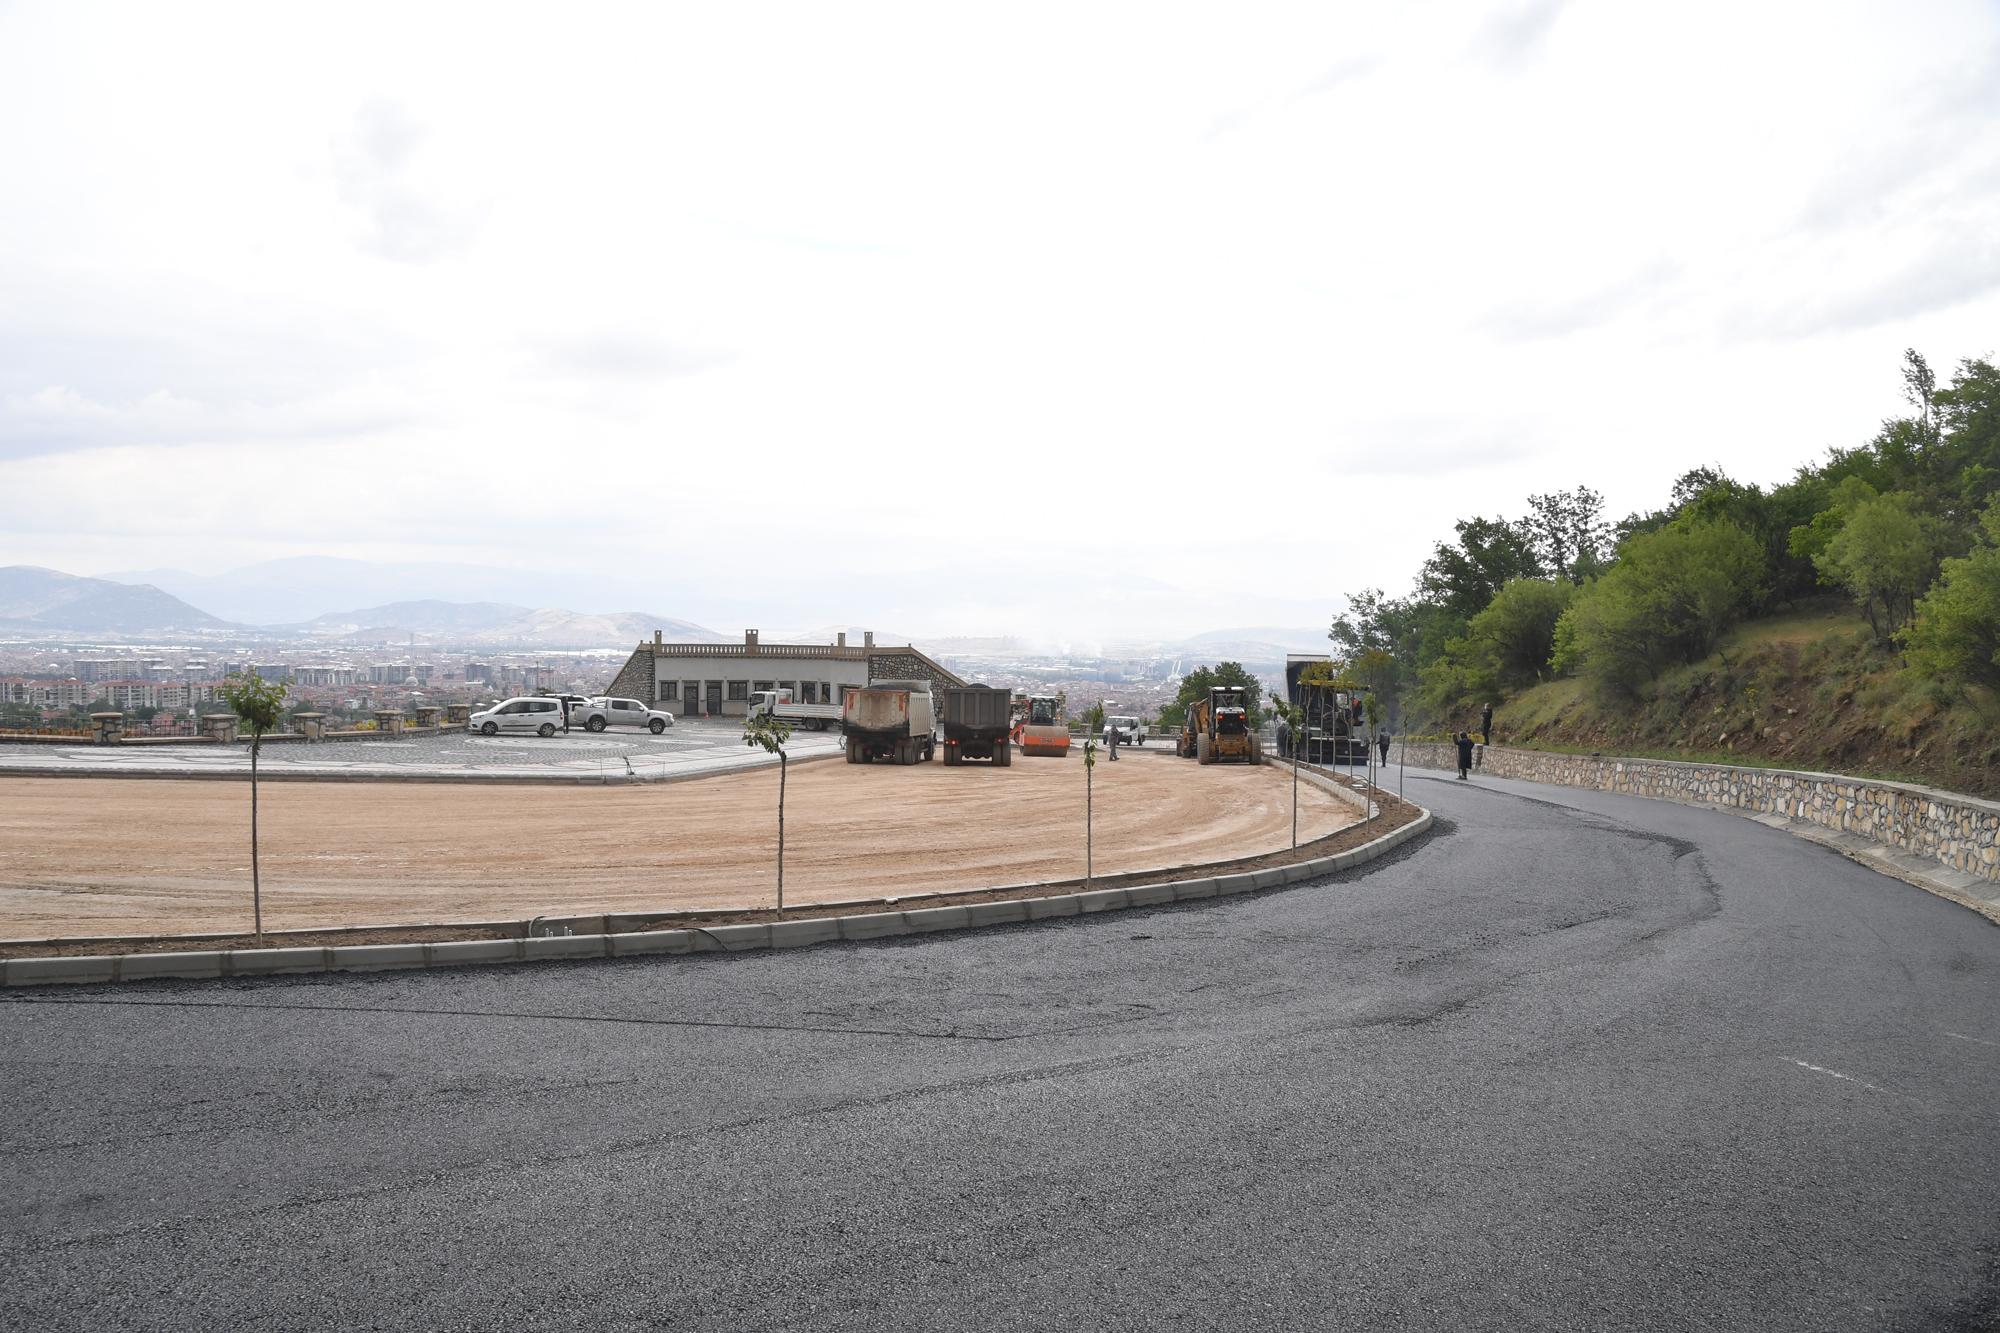 11-06-2021-kirazlidere-asfalt-4